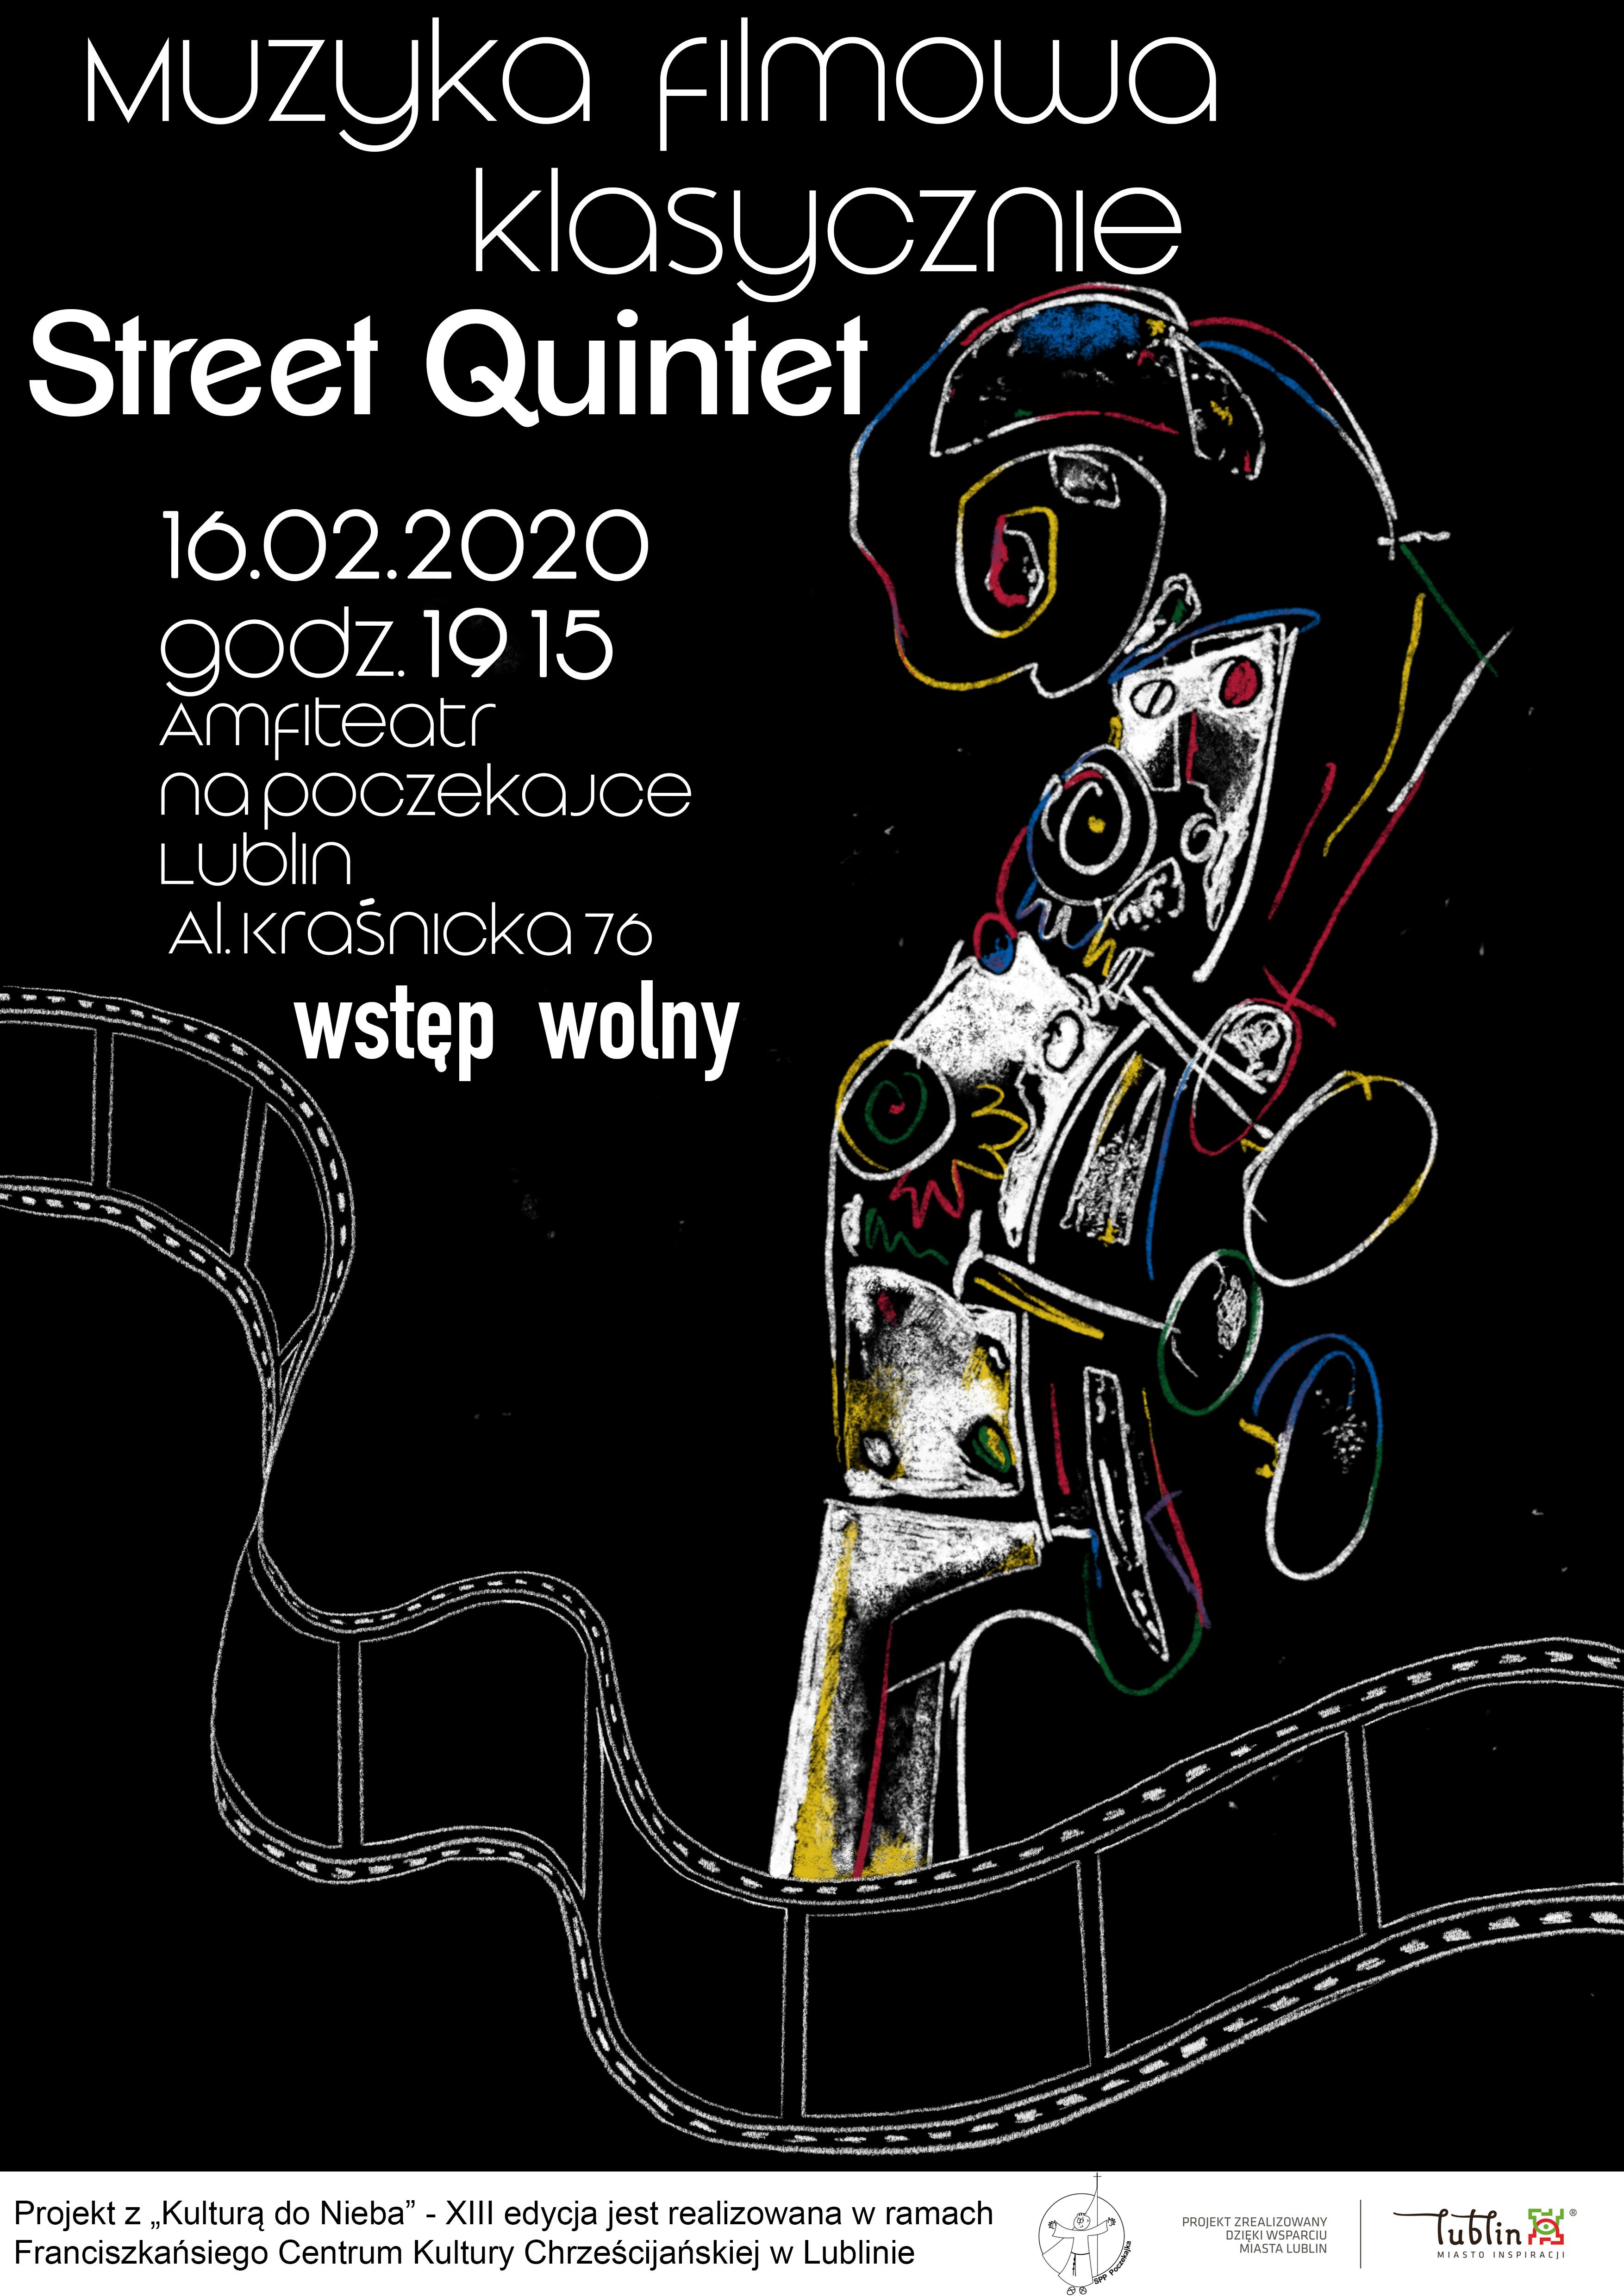 Muzyka filmowa klasycznie - Street Quintet